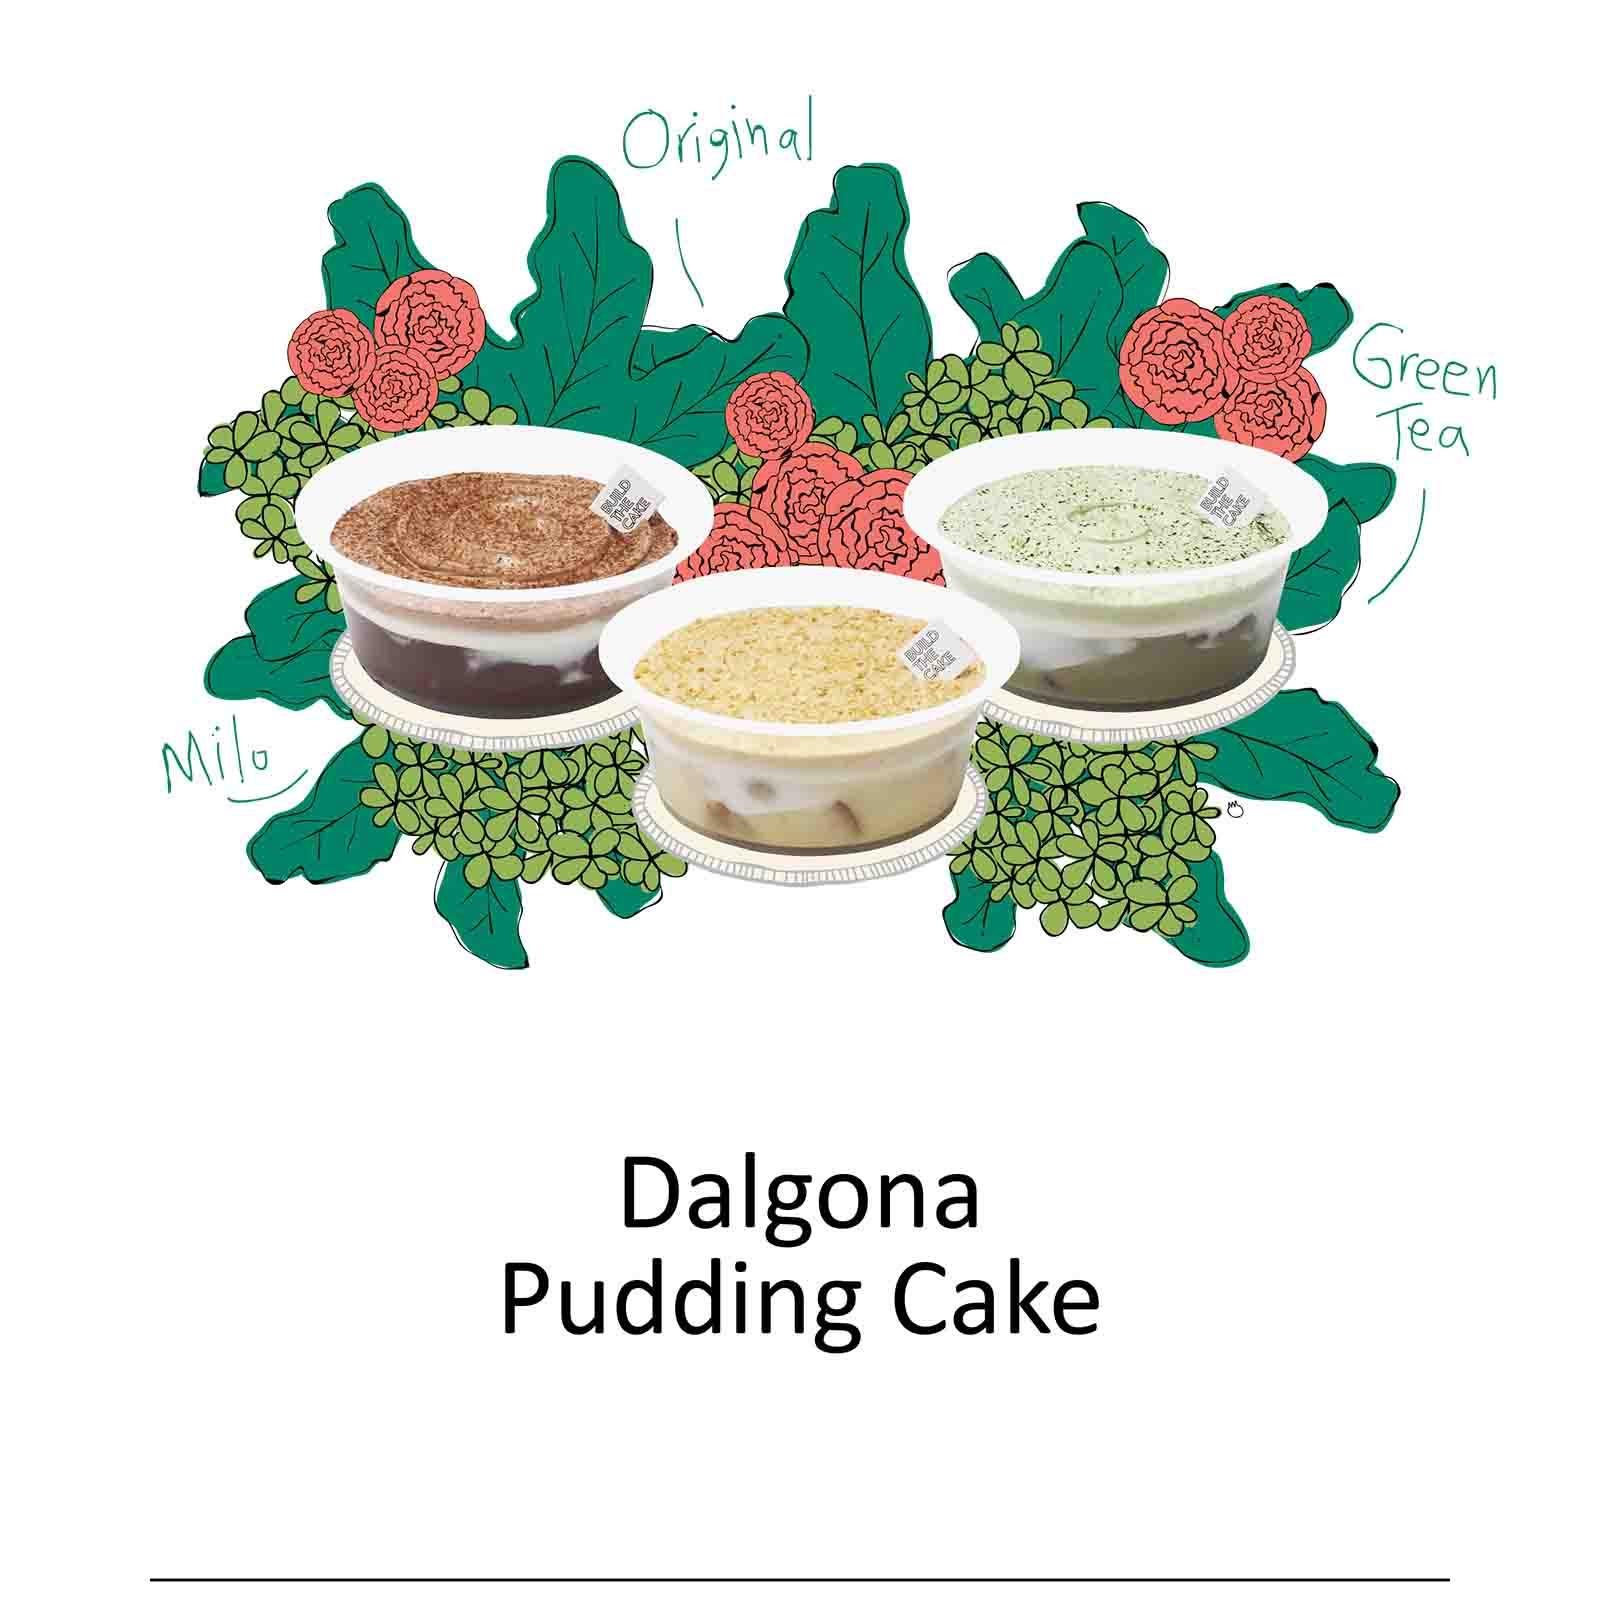 Dalgona Pudding Cake